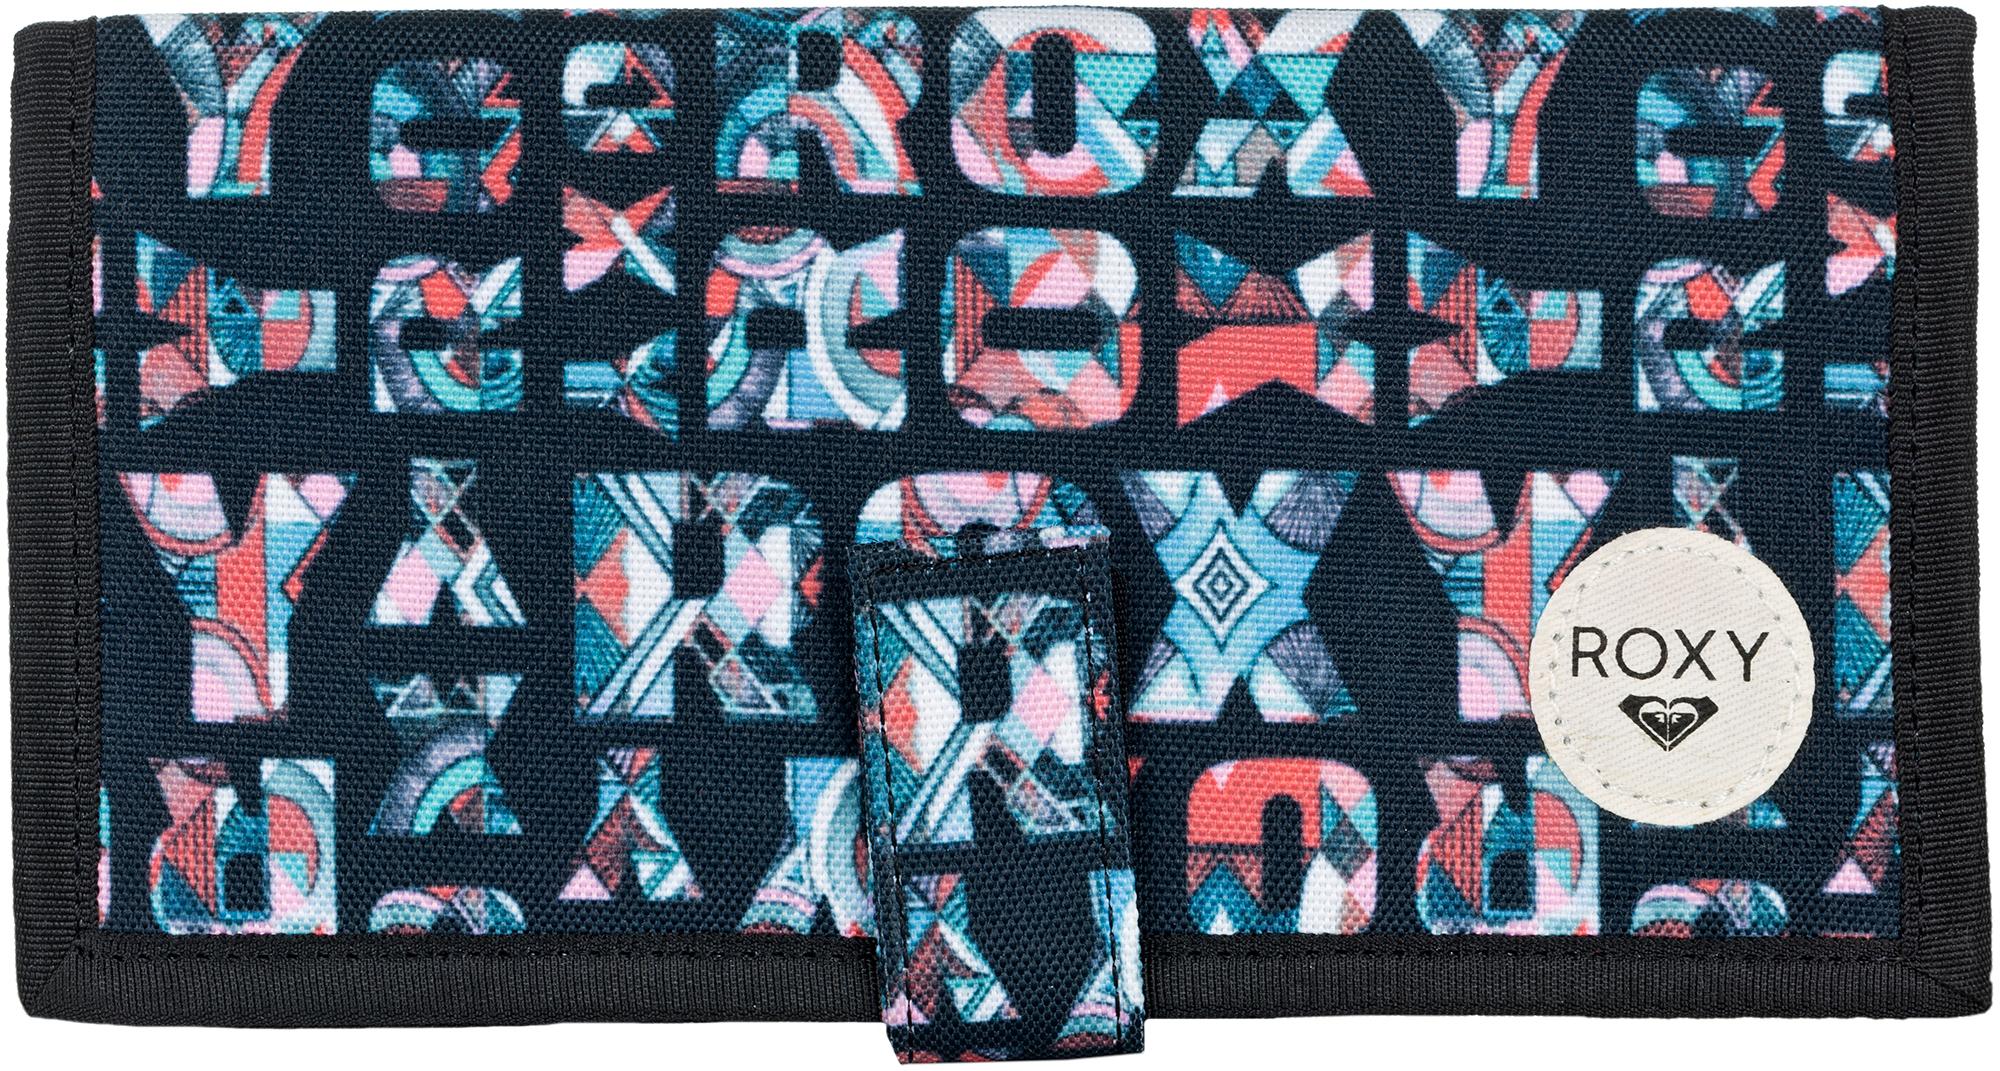 купить Roxy Кошелек женский Roxy Tropicald по цене 499 рублей